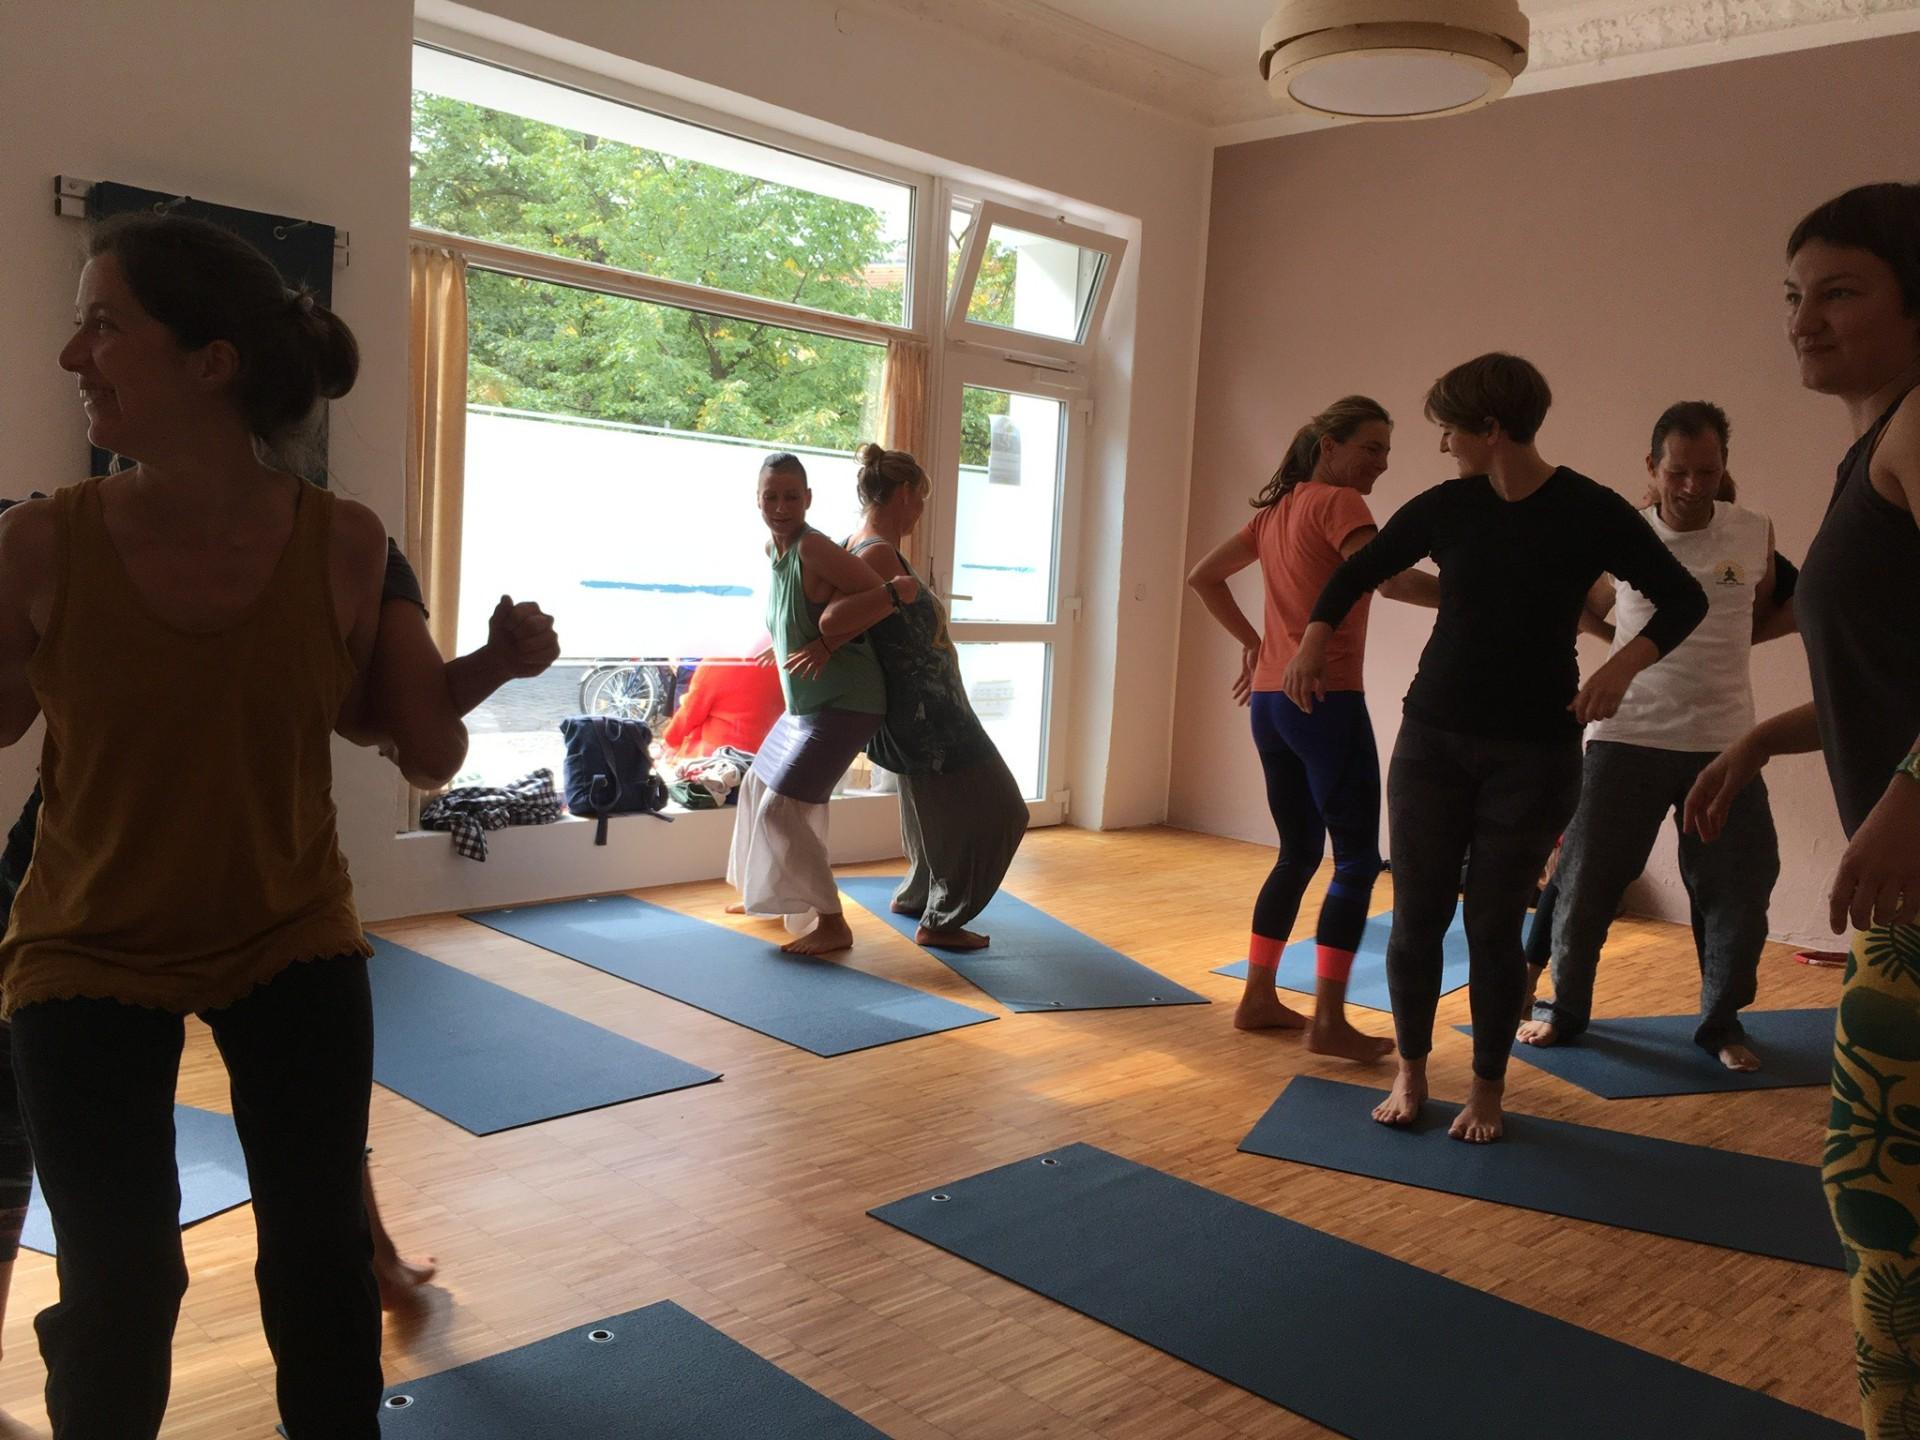 Raum mit großen Fenstern und sieben Frauen, die paarweise Yogaübungen machen.